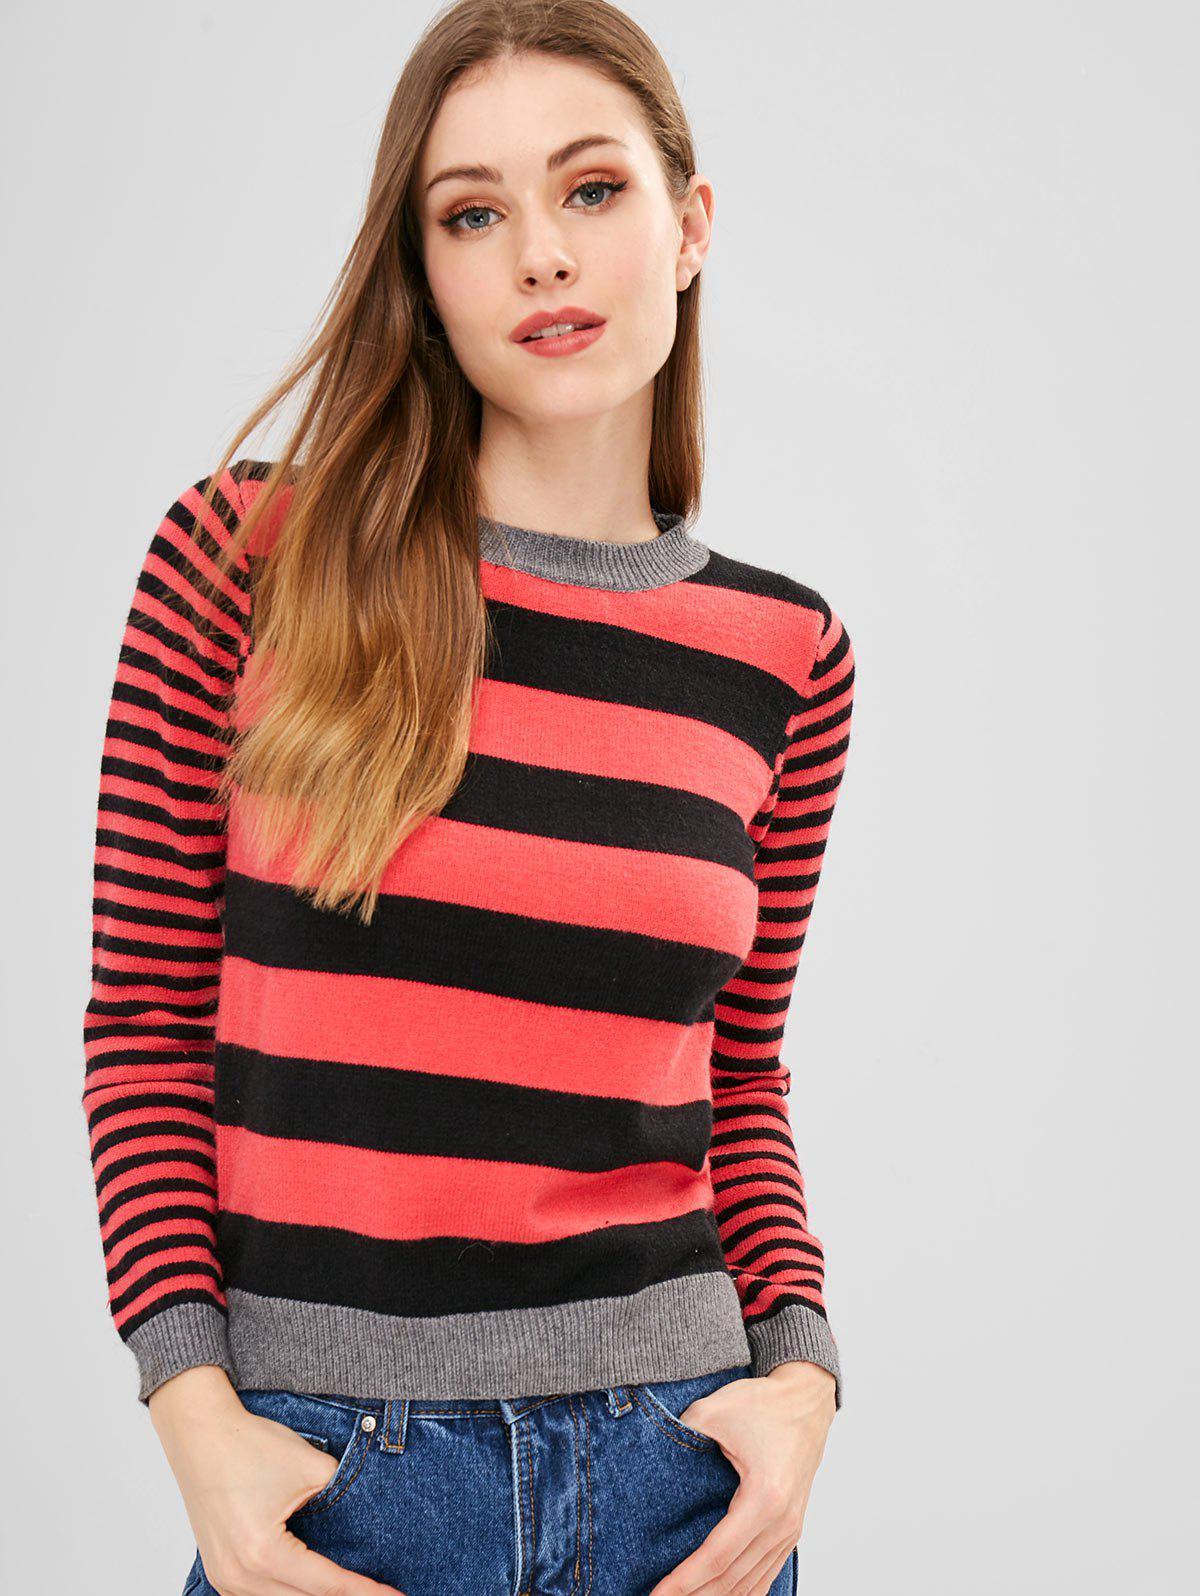 ZAFUL Slit Stripes Sweater